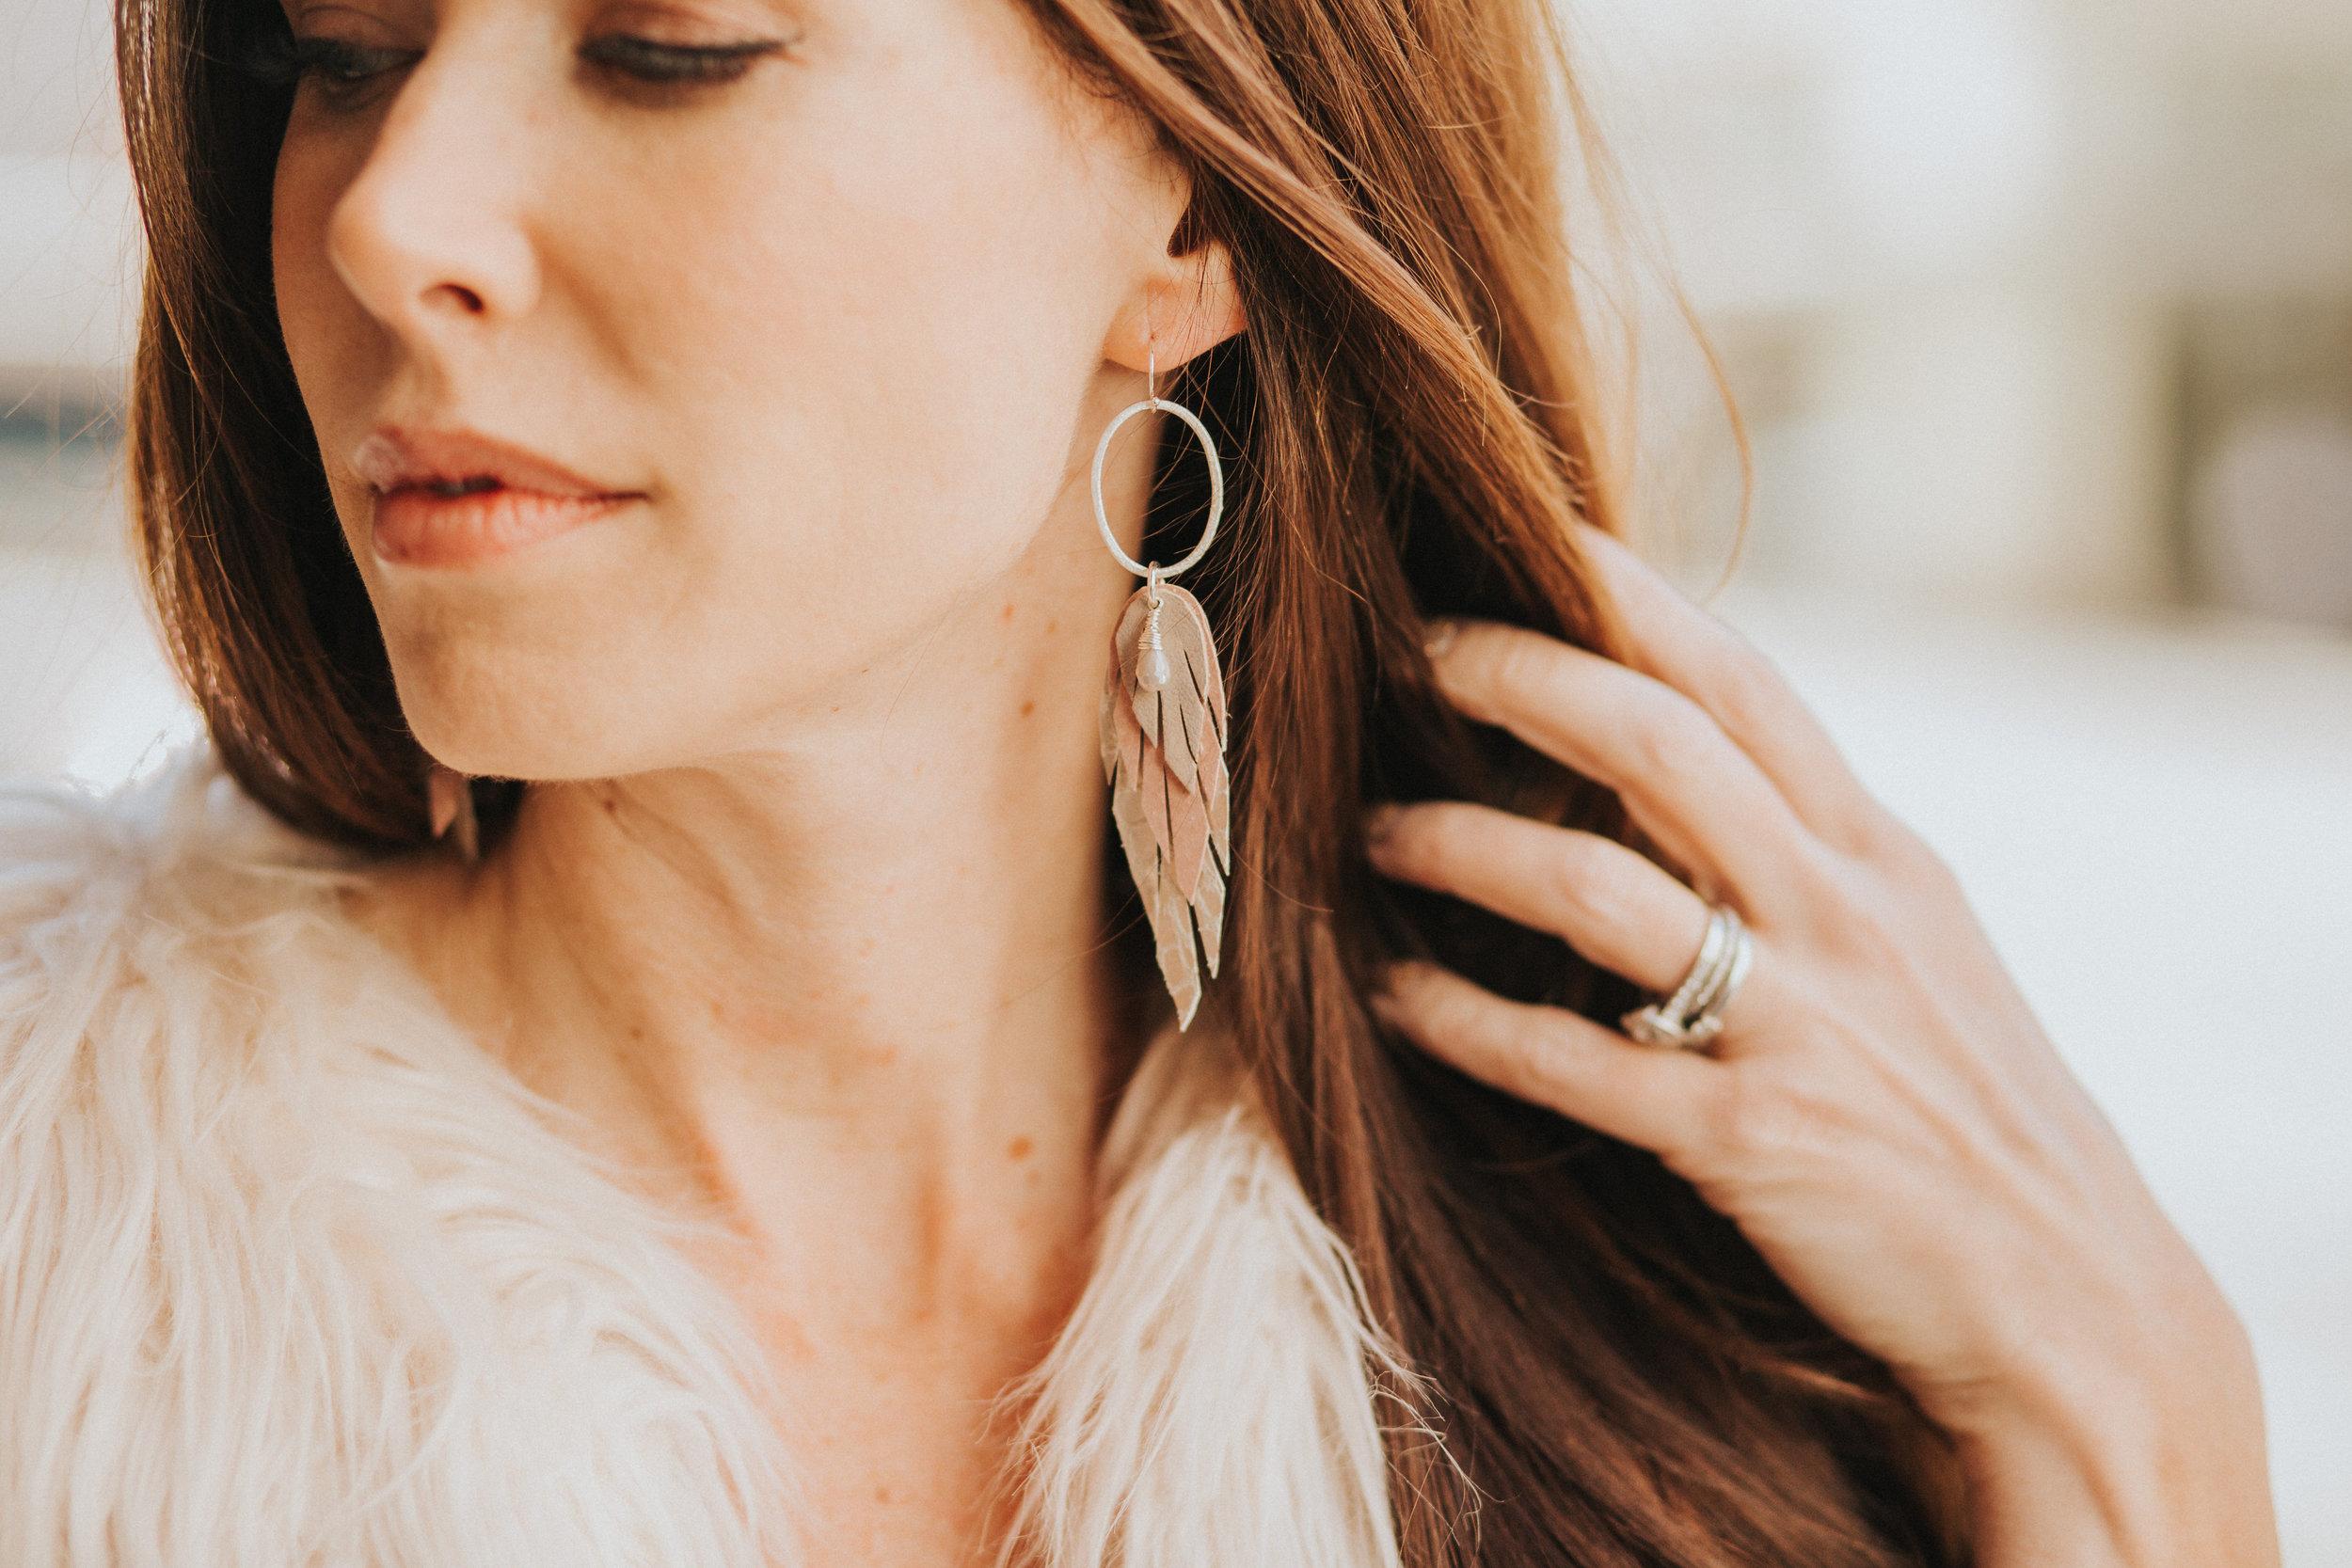 Leather Feather earrings from Bohemi Jewelry (www.bohemi.com)